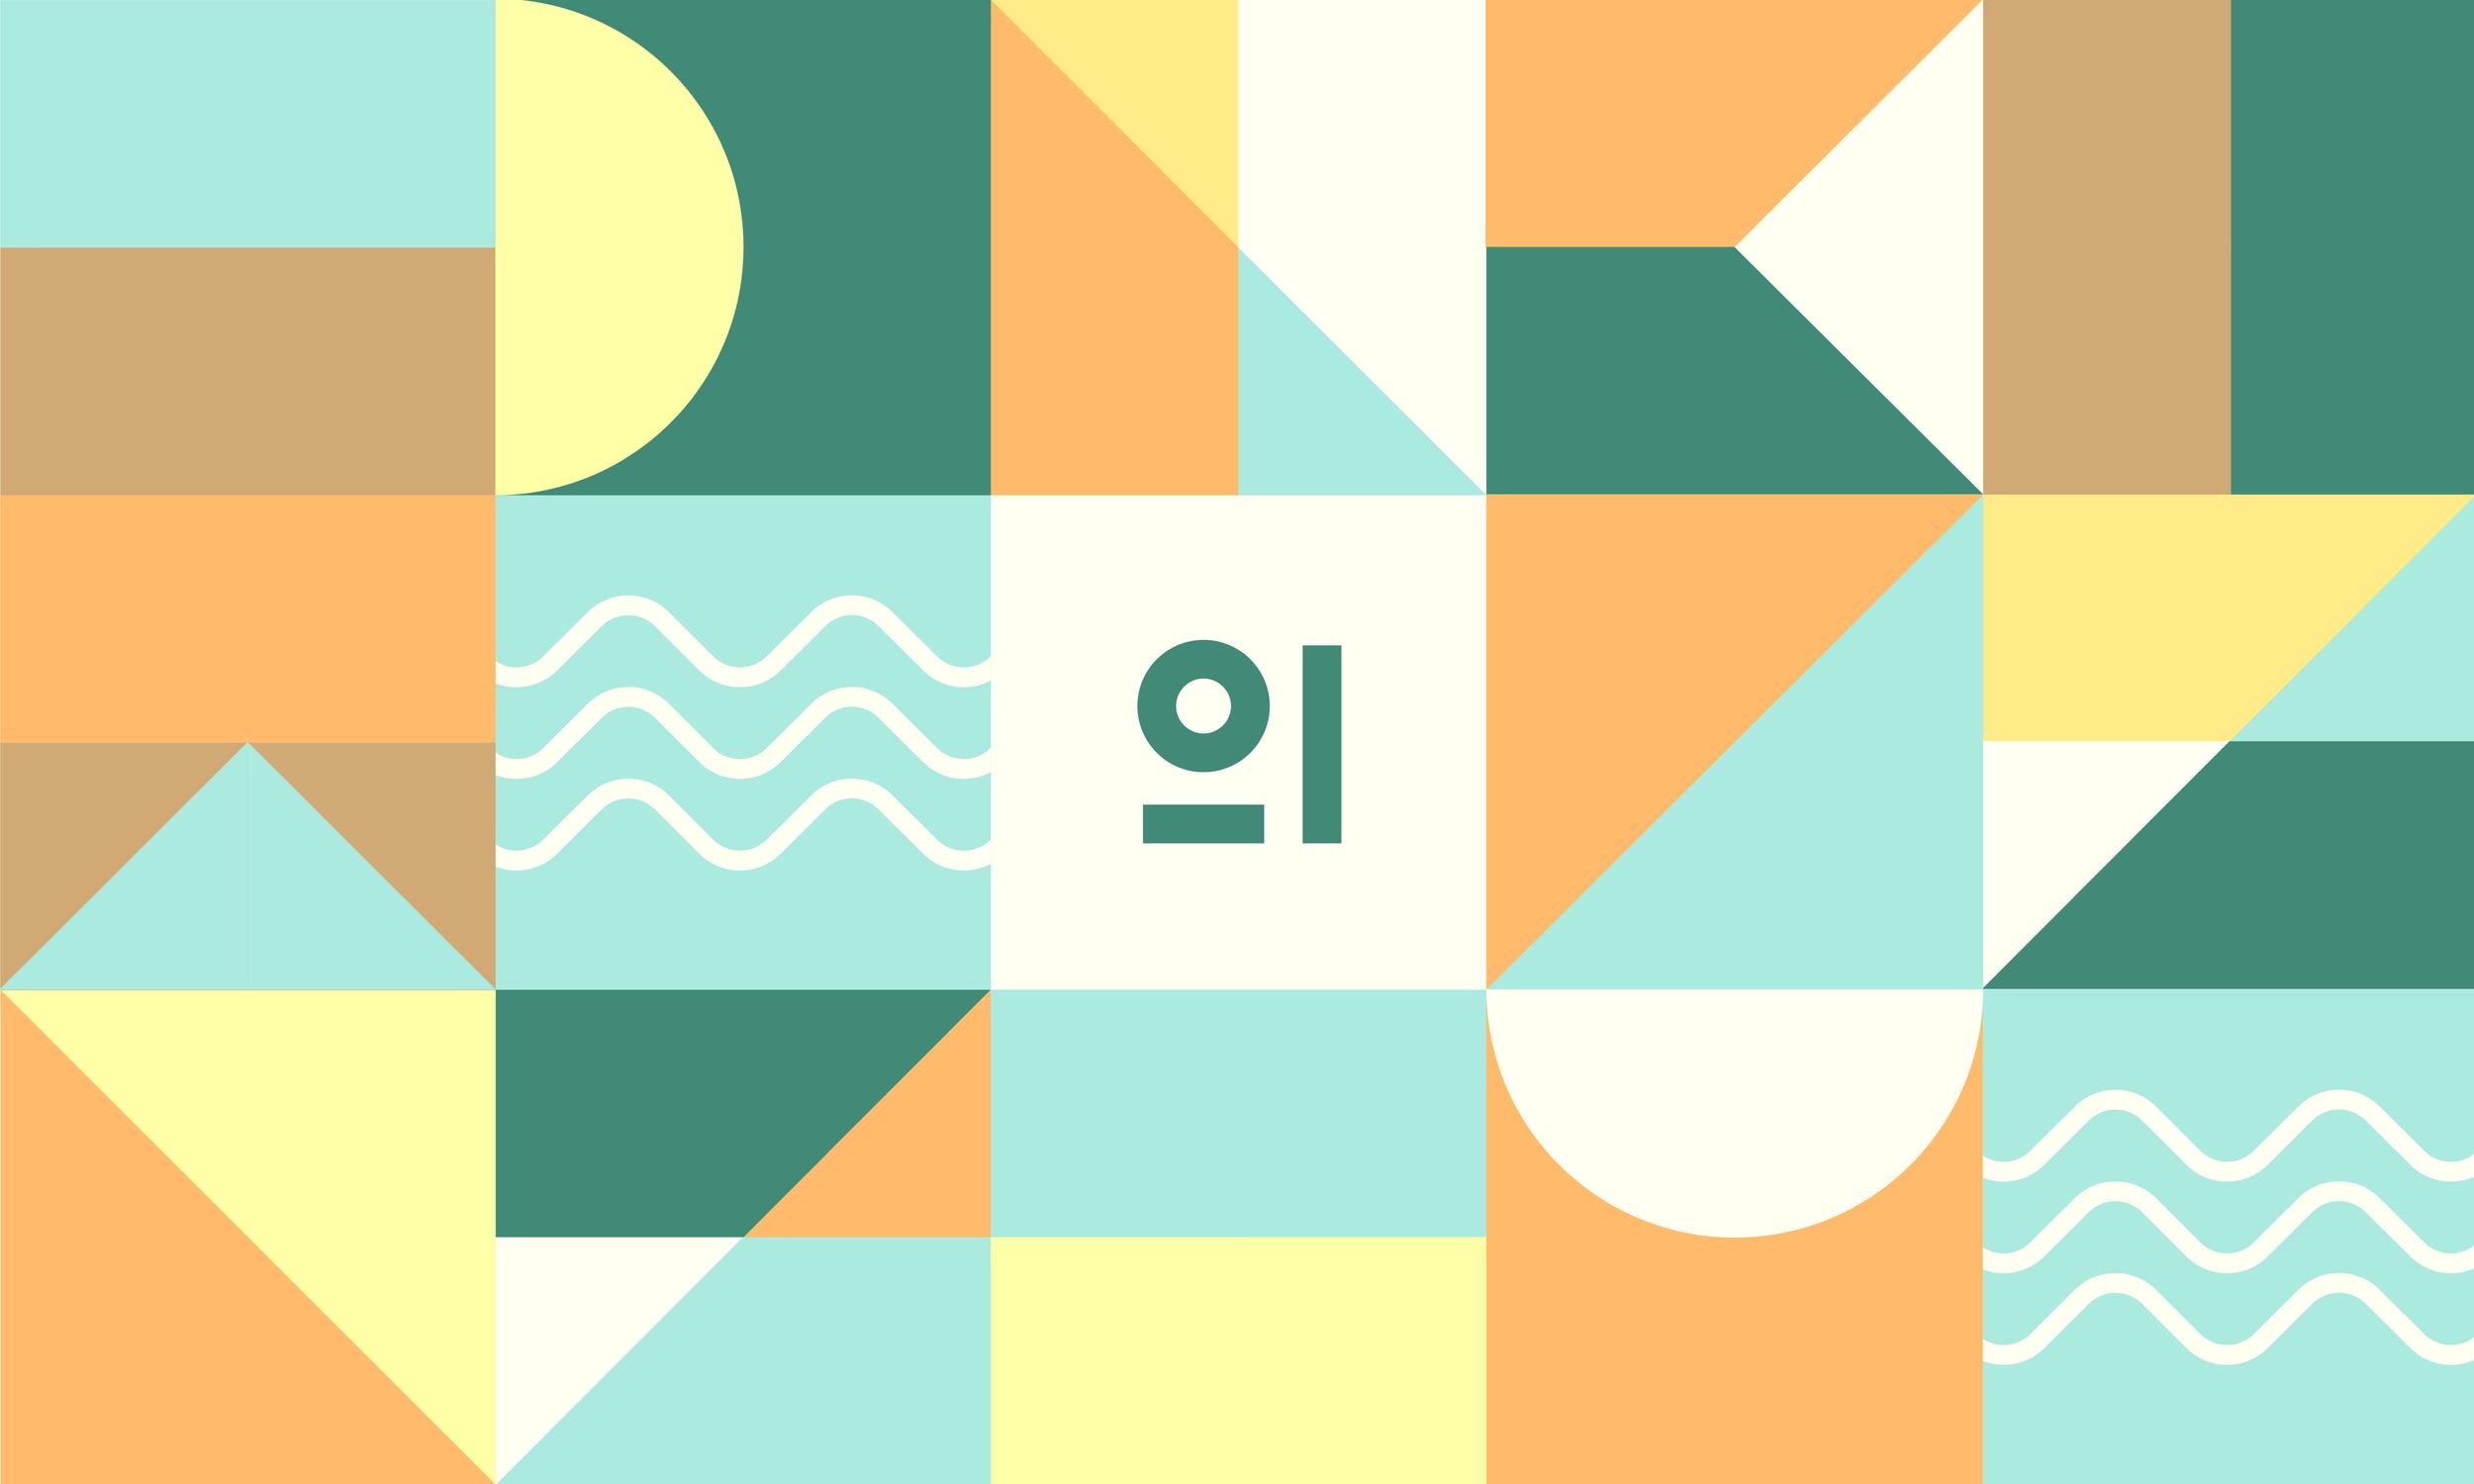 Nico_Gray_Design_Yoshi&I_ID.png